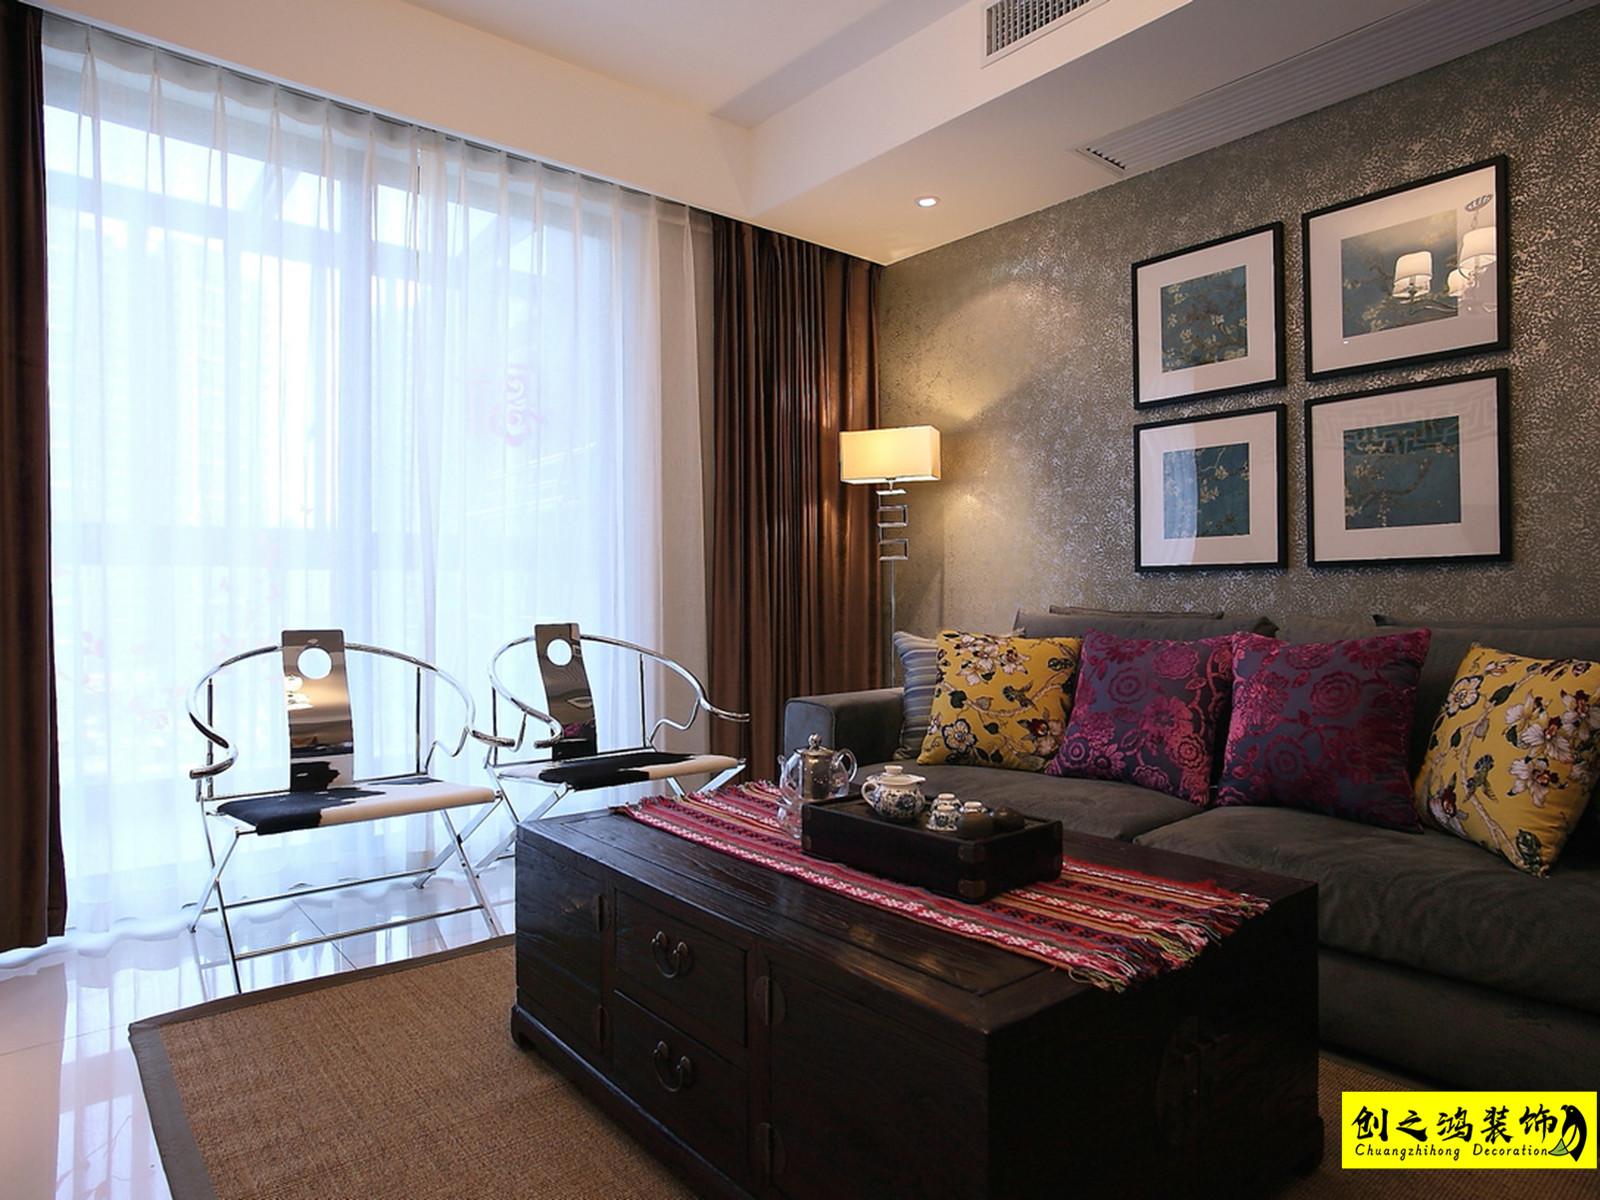 126㎡融侨观澜三室两厅现代简约风格装修效果图